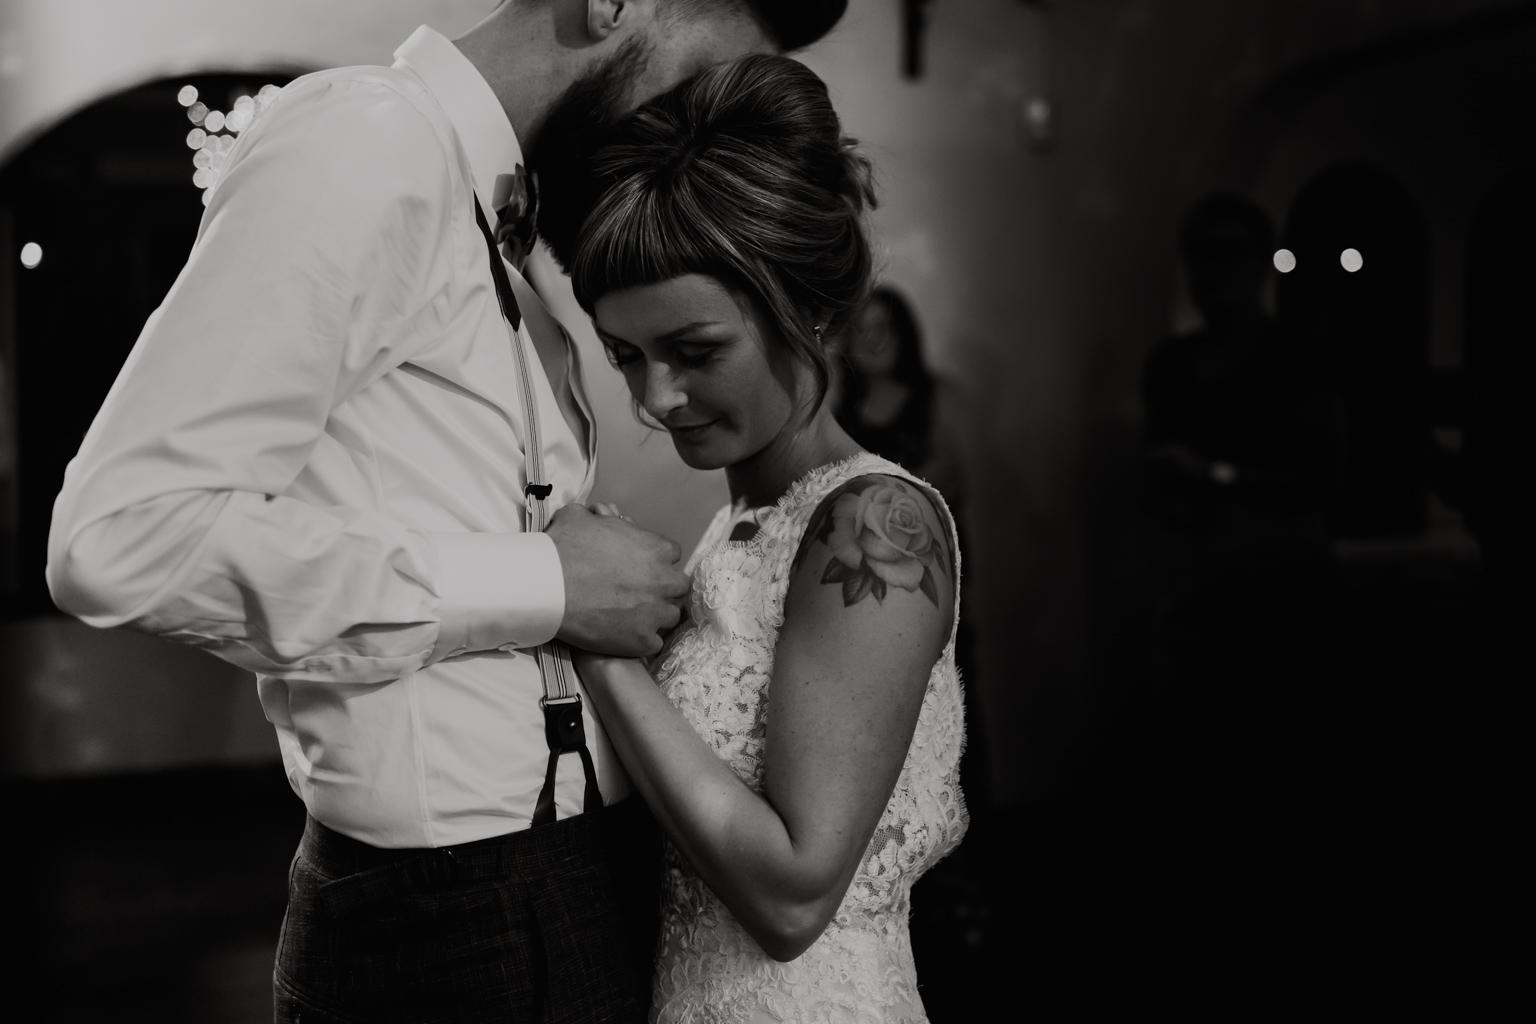 trouweninhetbuitenland_huwelijksfotografie_roxannedankers-65.jpg